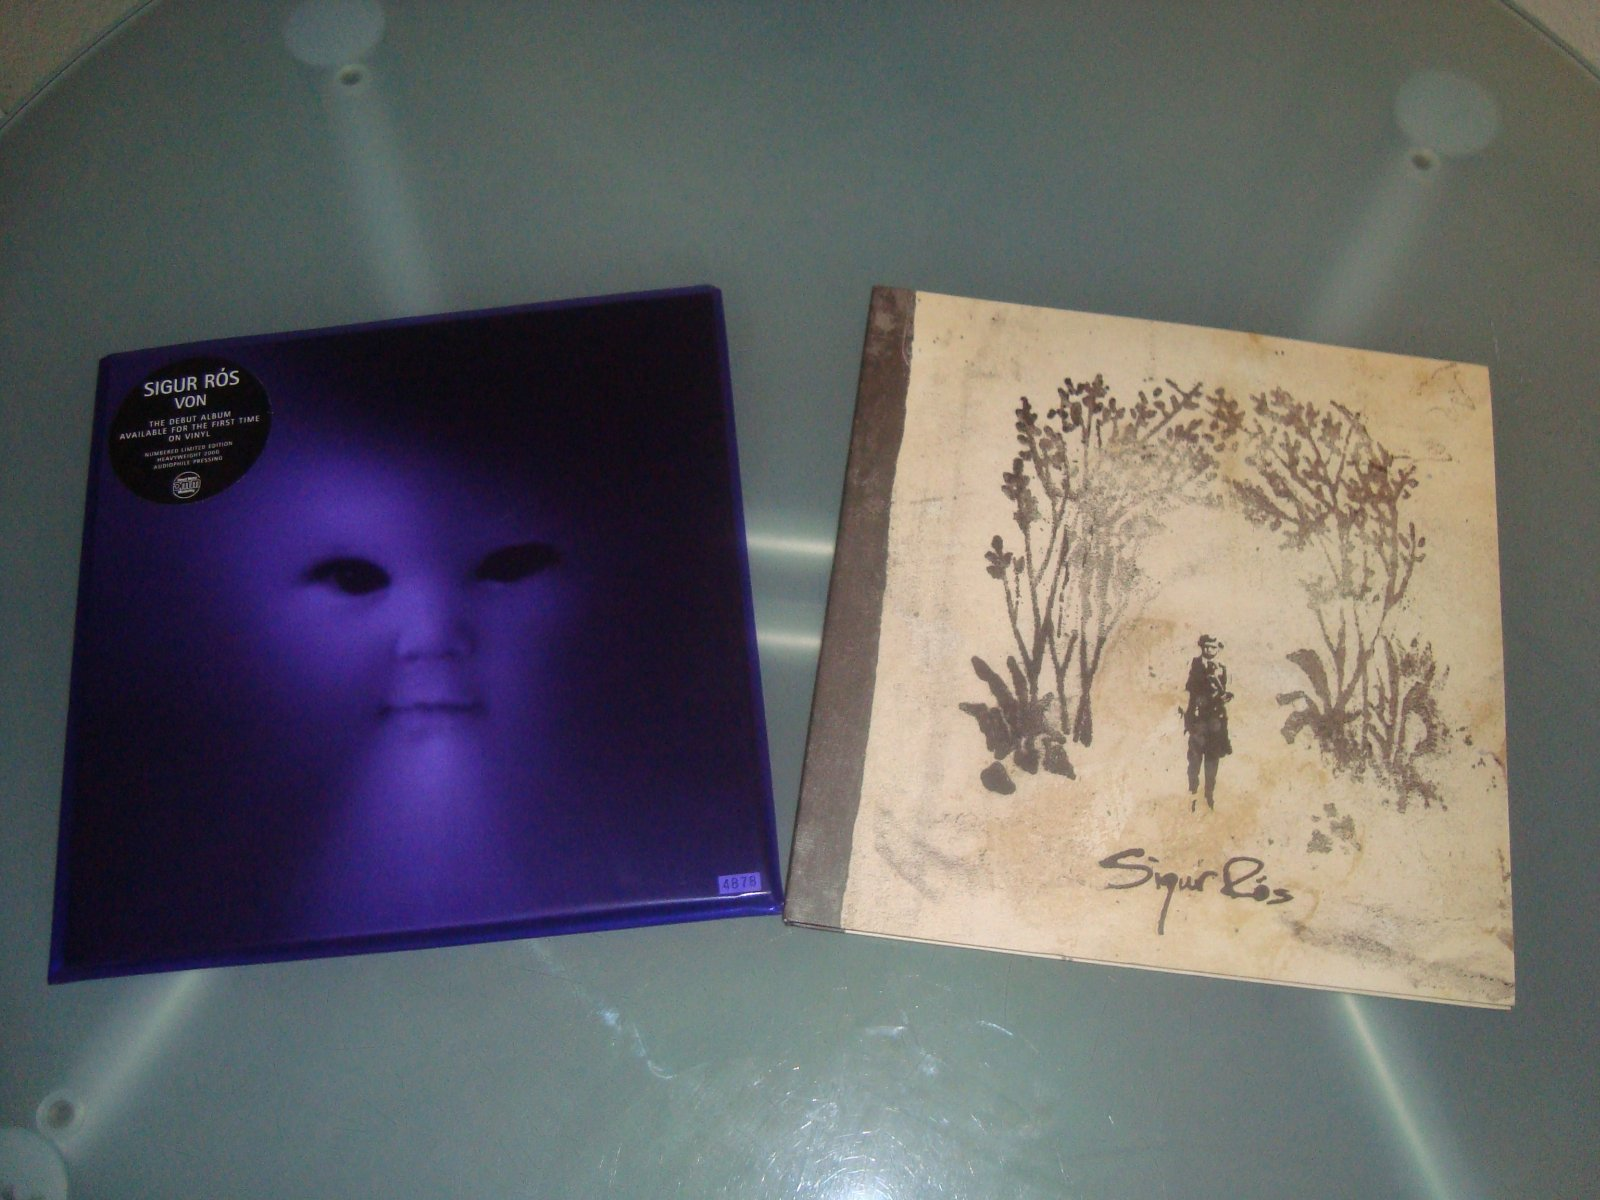 Sigur Rós Vinyl